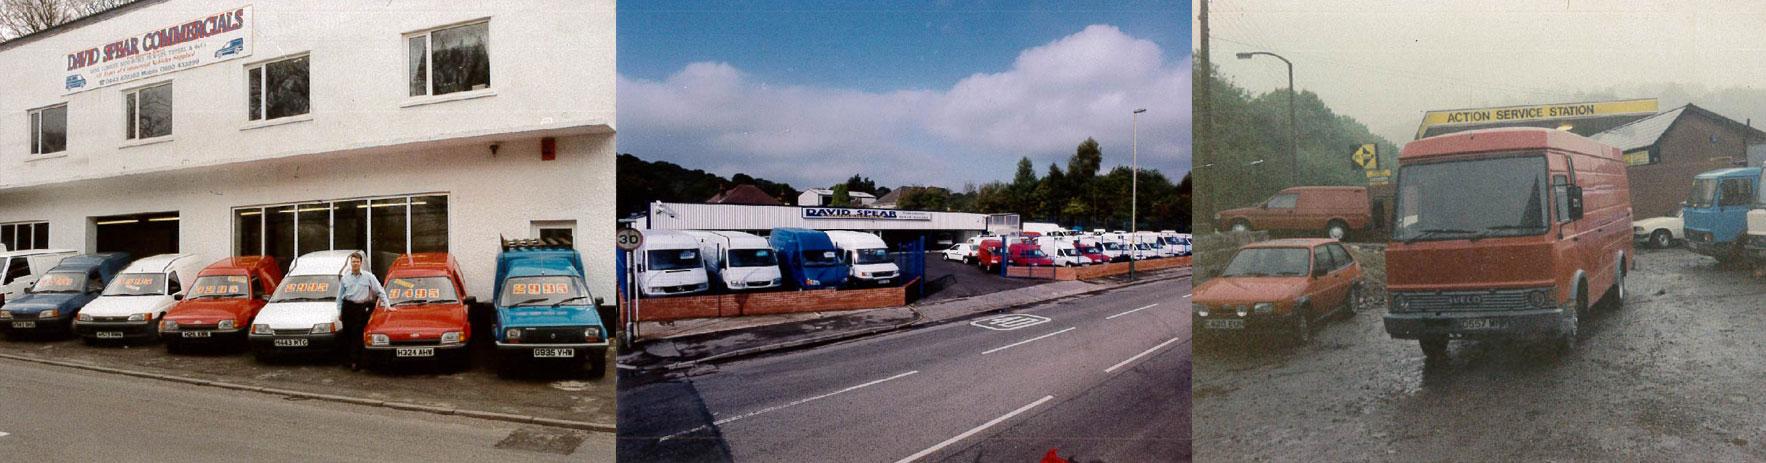 History of Tredegar